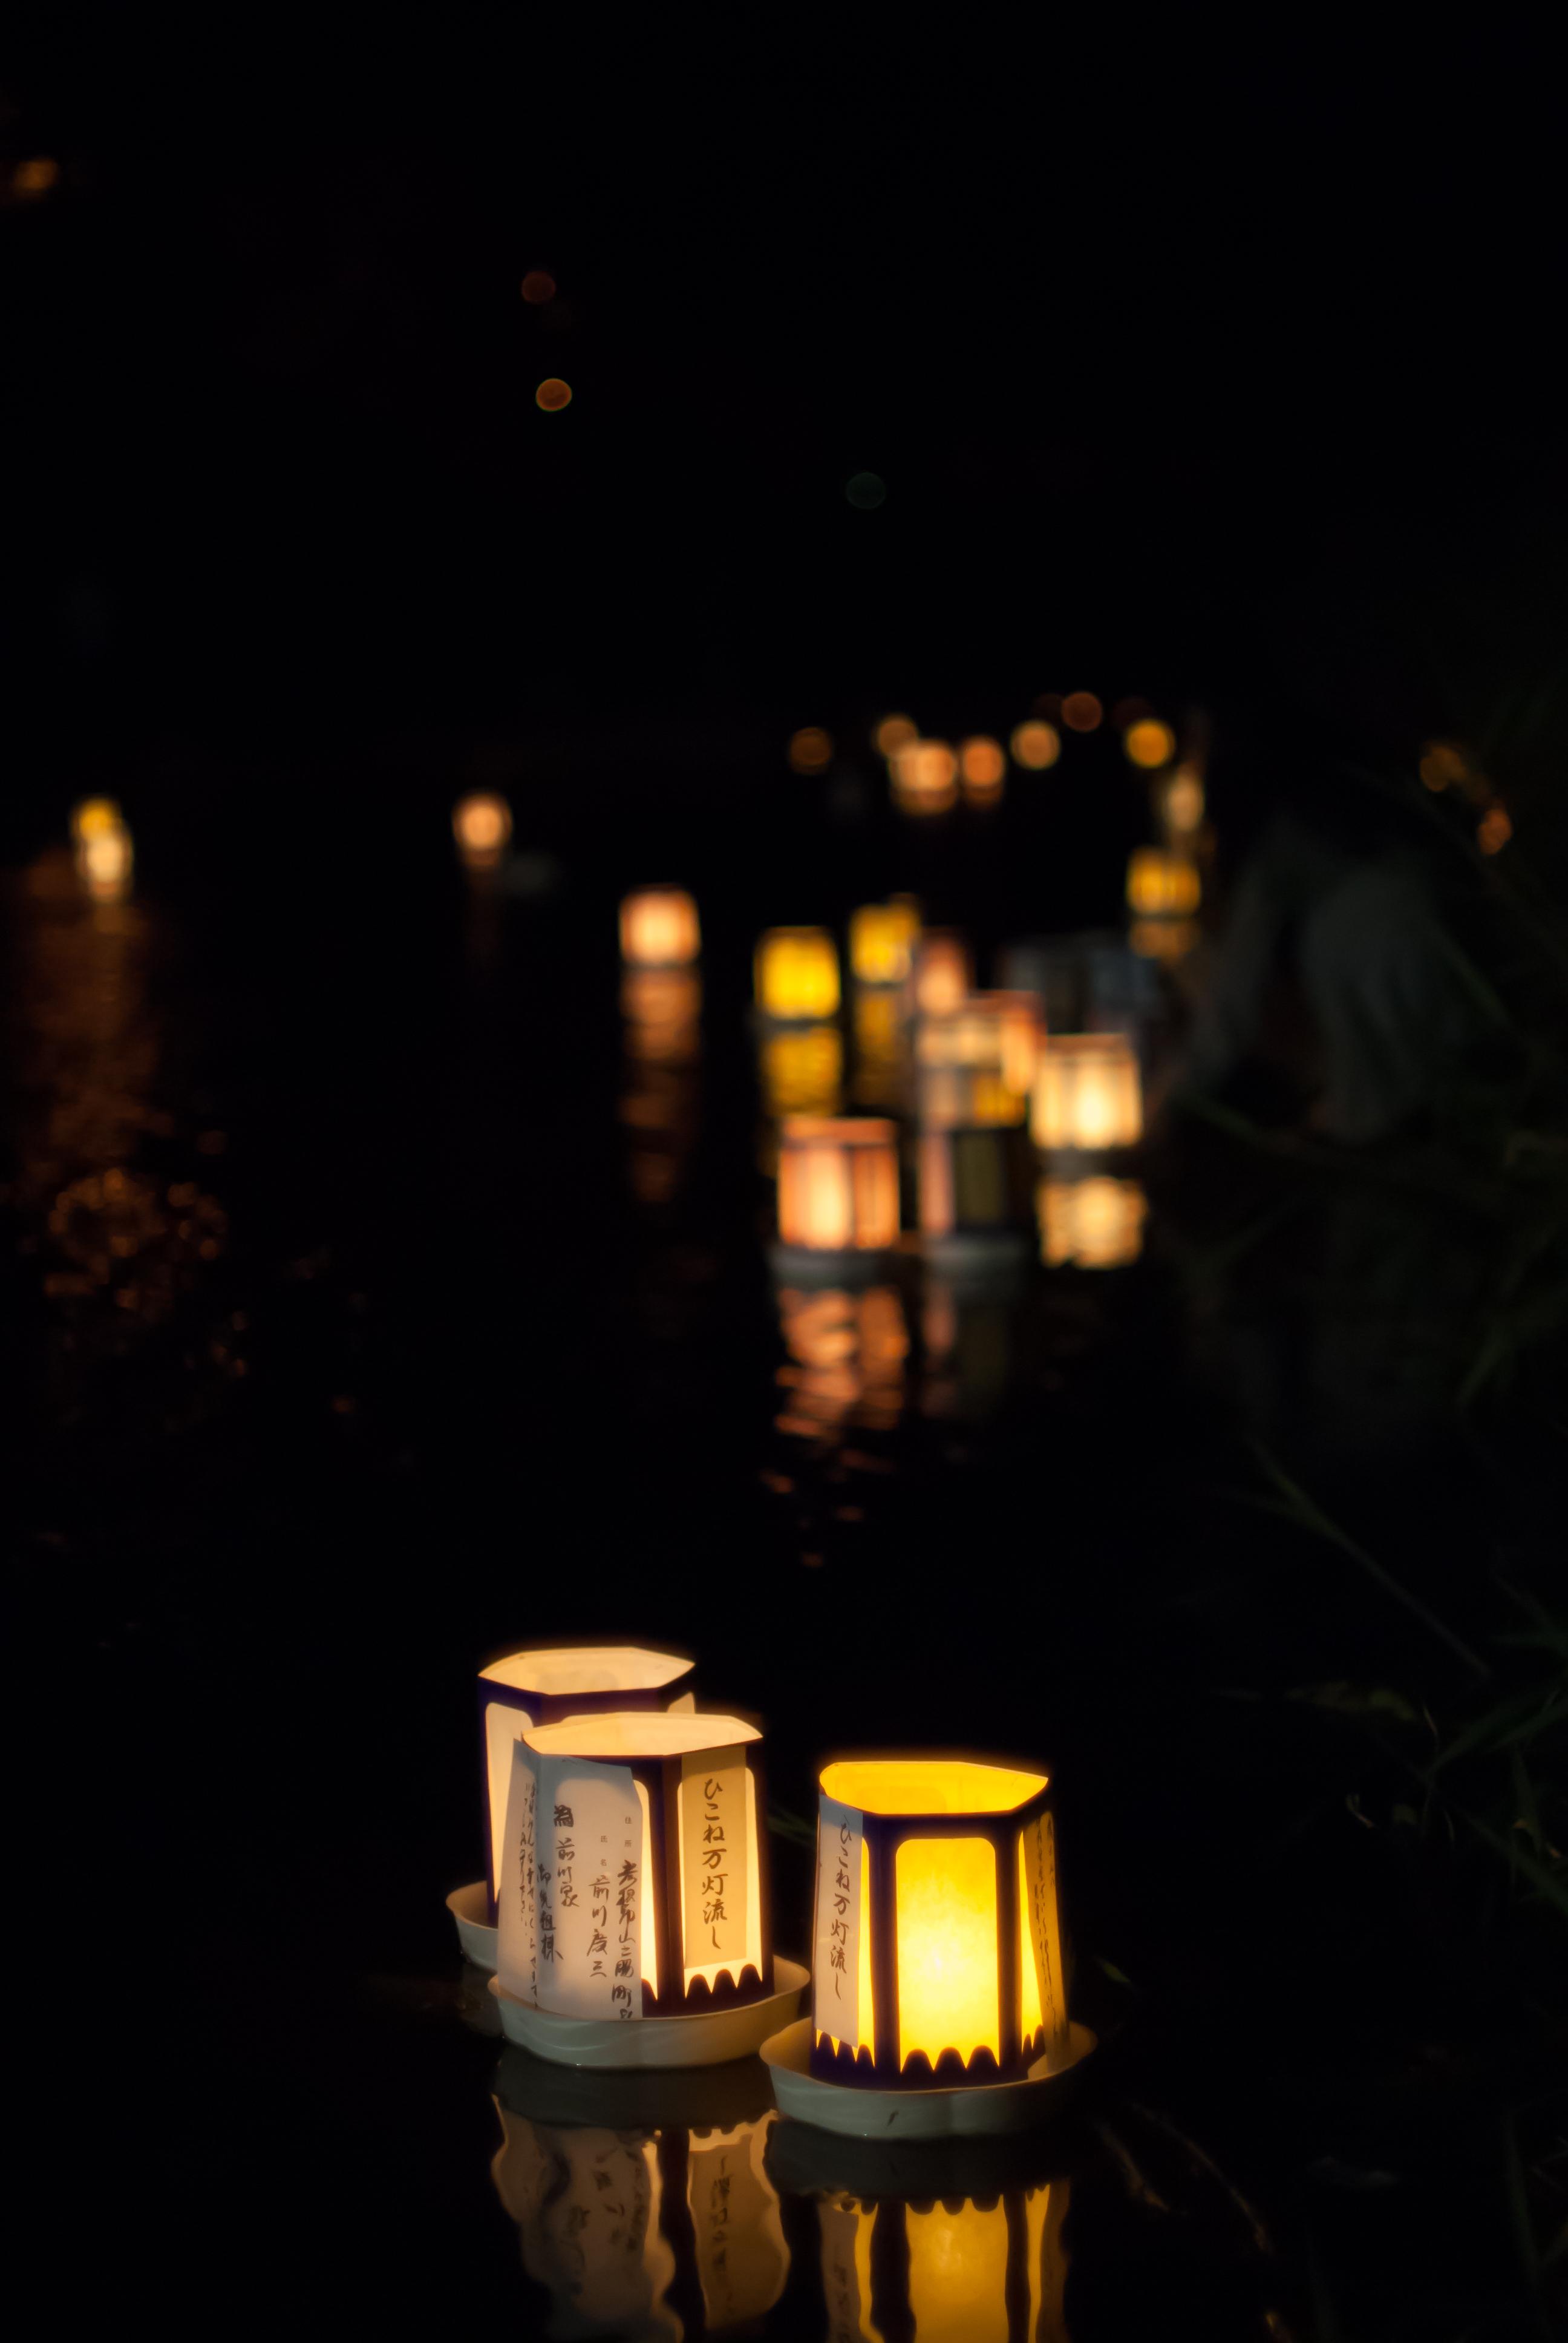 Serigawa lantern festival: 彦根の万提灯祭り – Where Next Japan for lanterns at night in water  585hul